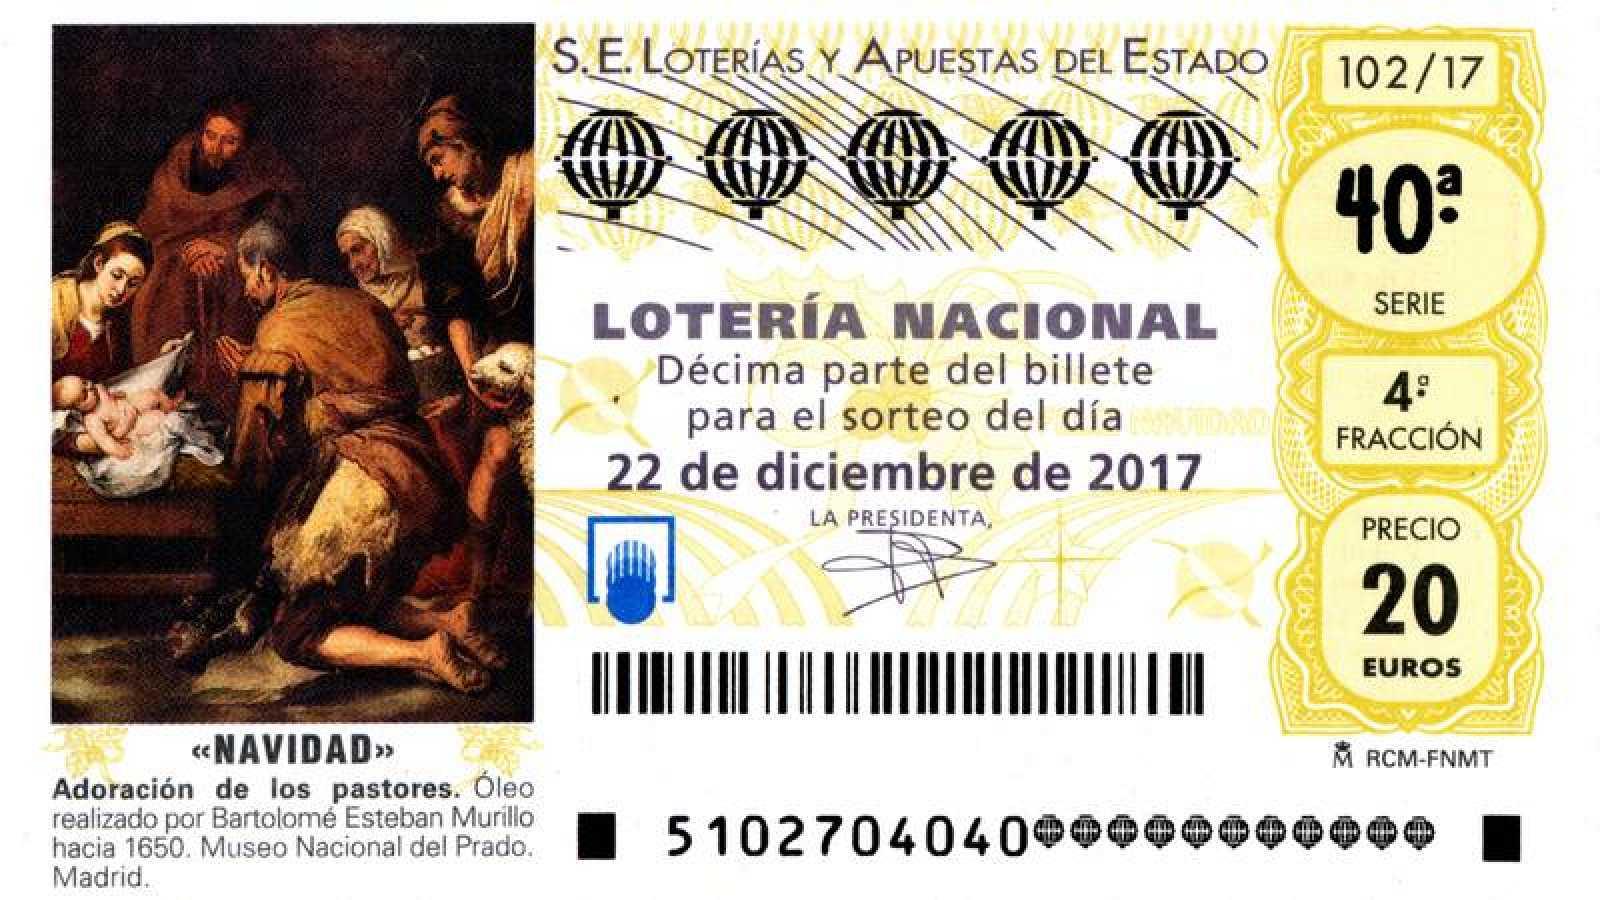 Imagenes Loteria Navidad.La Loteria De Navidad Homenajea A Murillo En El Iv